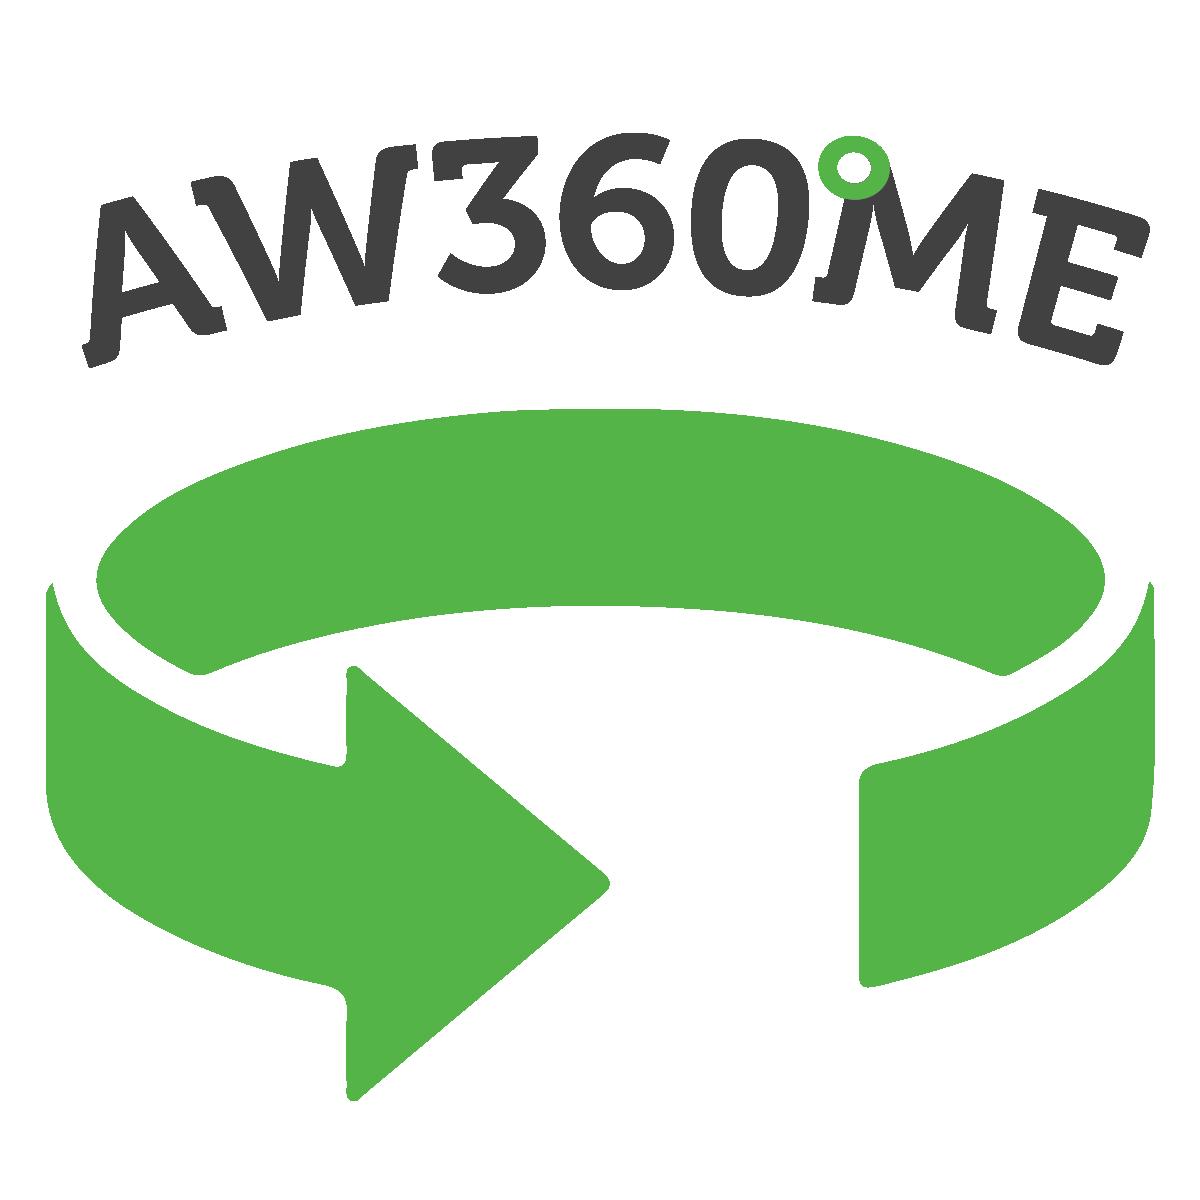 AW360ME Media logo